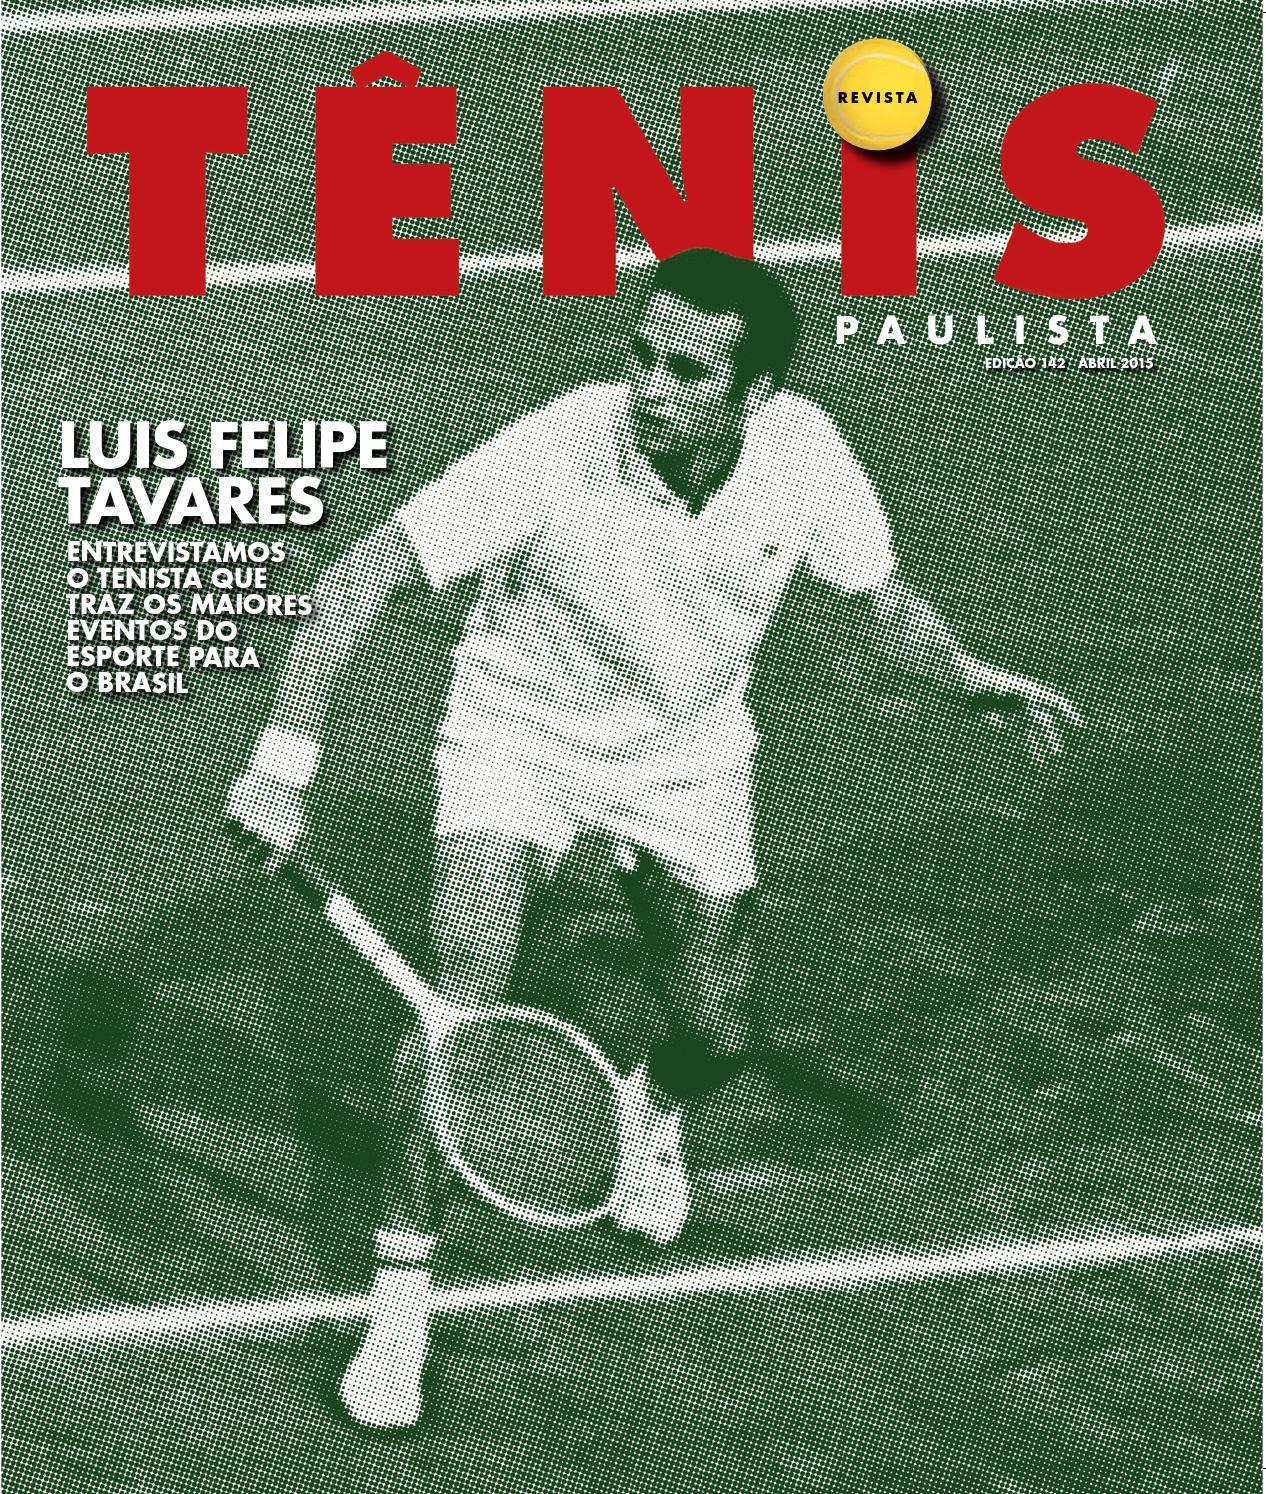 Revista Tênis Paulista - Edição 142 (Abril 2015) by Revista Tênis Paulista  - issuu de064f24a5